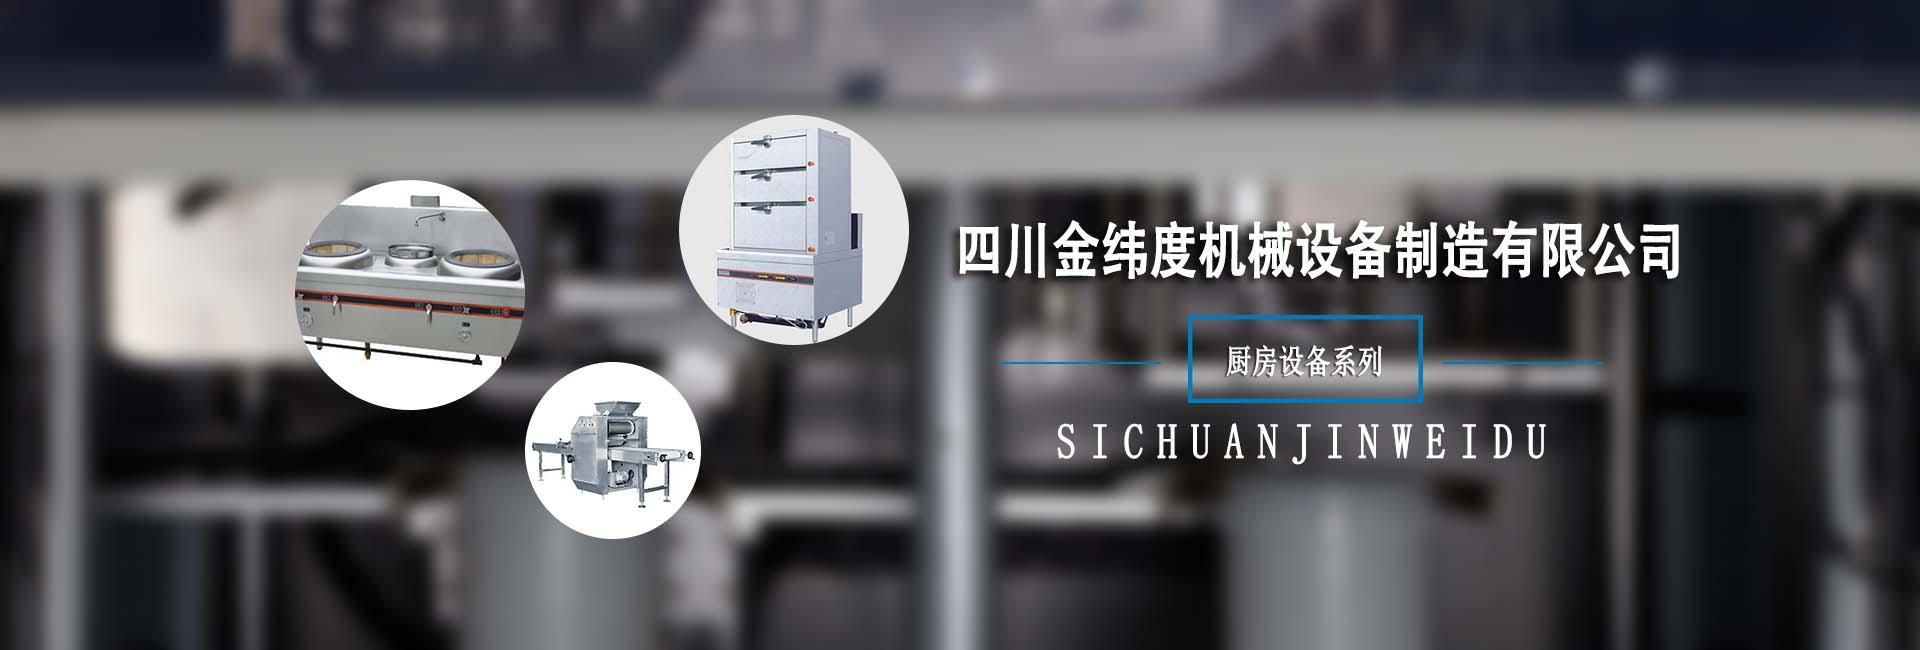 金纬度是专业的成都厨房设备厂家,可提供四川商用厨房设备